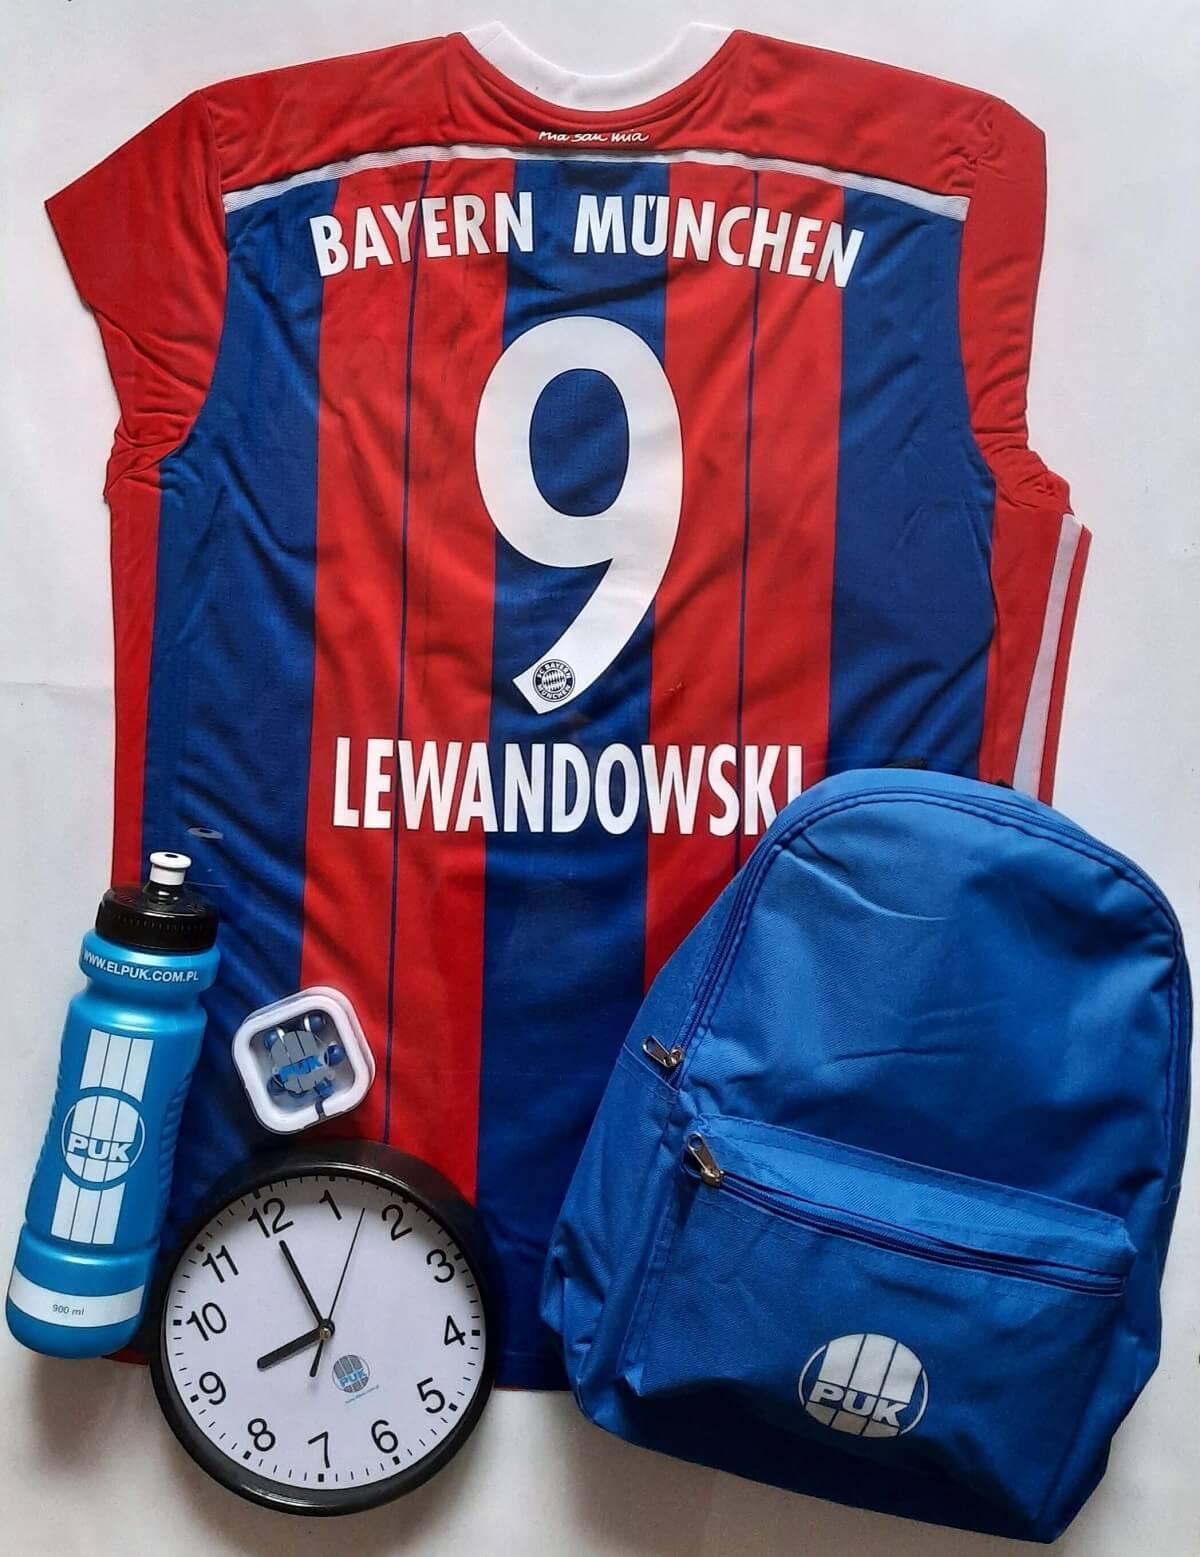 Koszulka z autografem Roberta Lewandowskiego od EL-PUK Sp. z o.o.